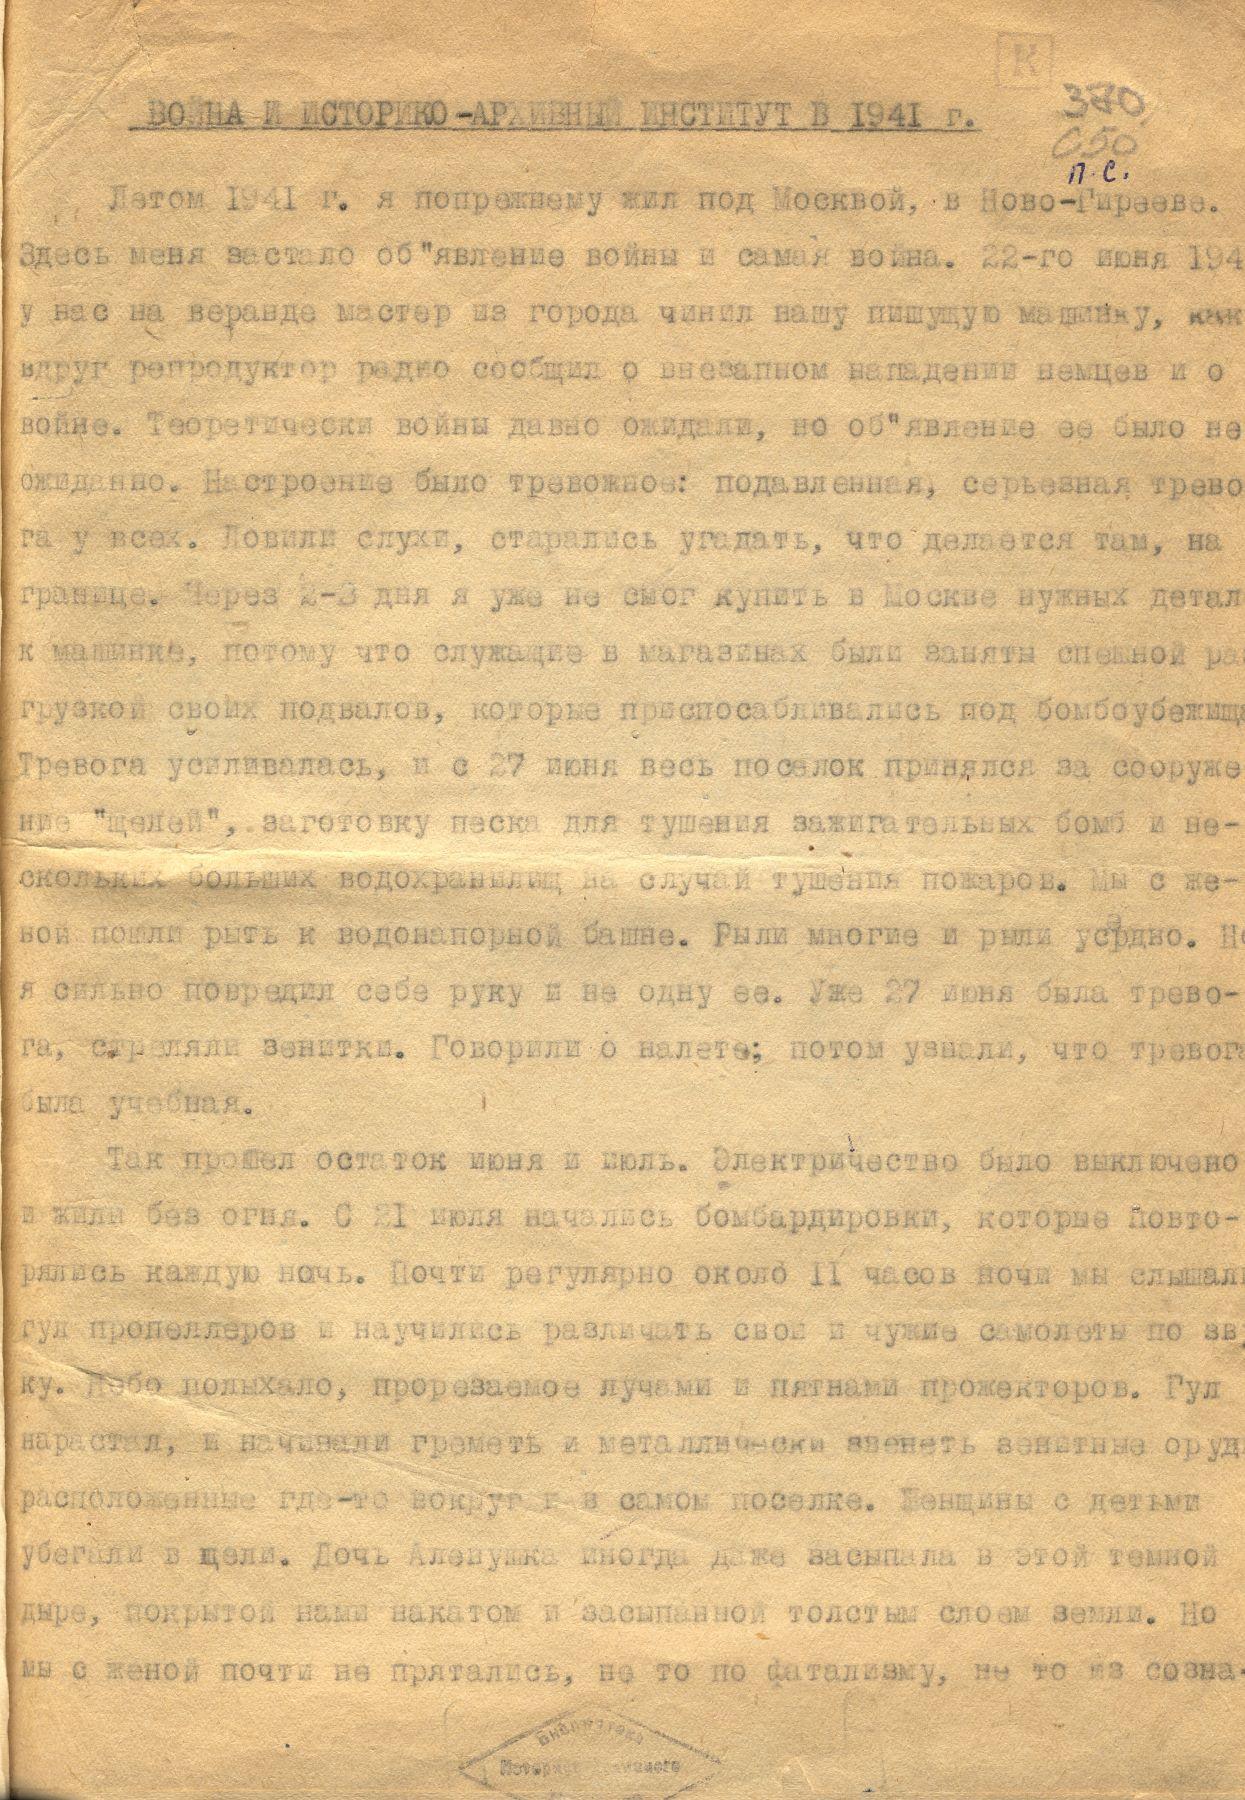 Рукопись П. П. Смирнова «Война и Историко-архивный институт в 1941 г.»